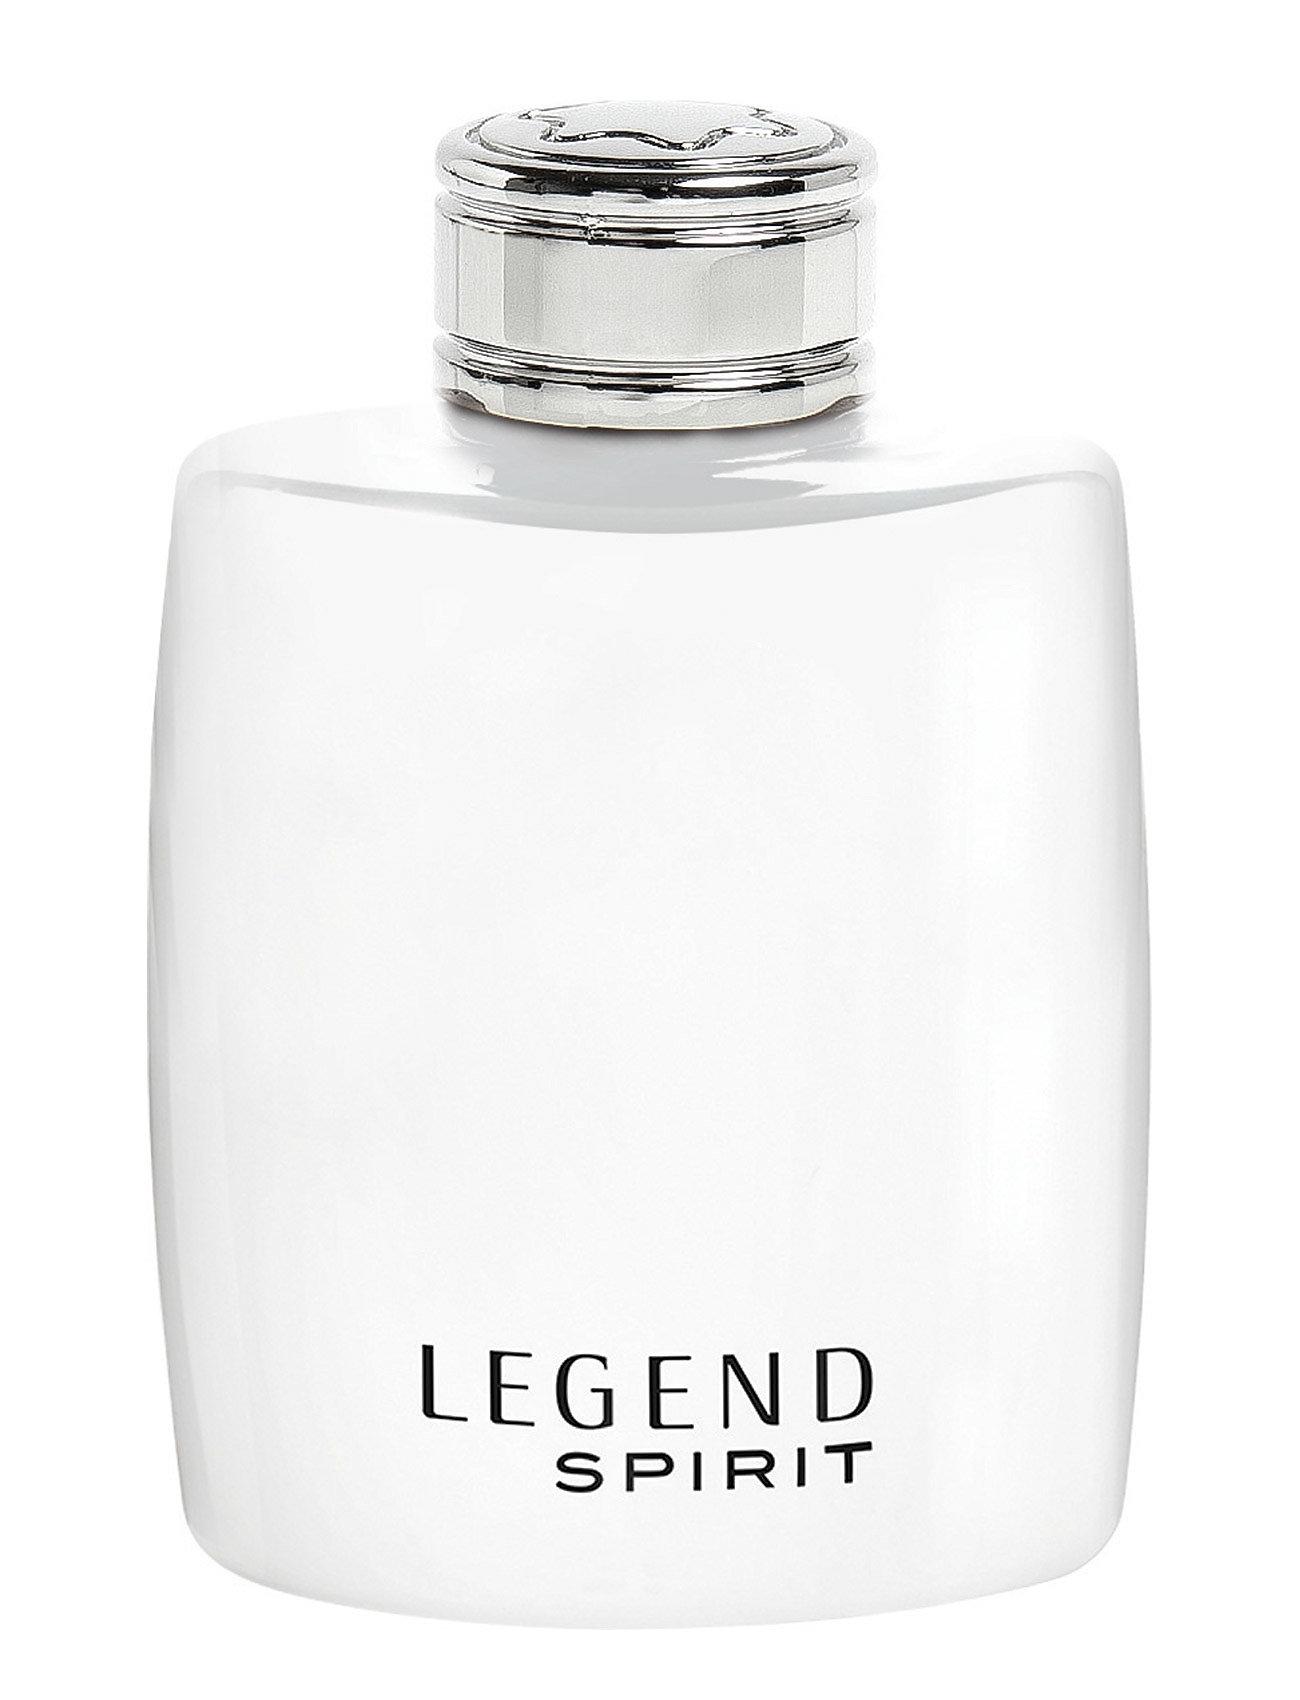 Mb miniature spirit 4,5 ml fra mont blanc fra boozt.com dk